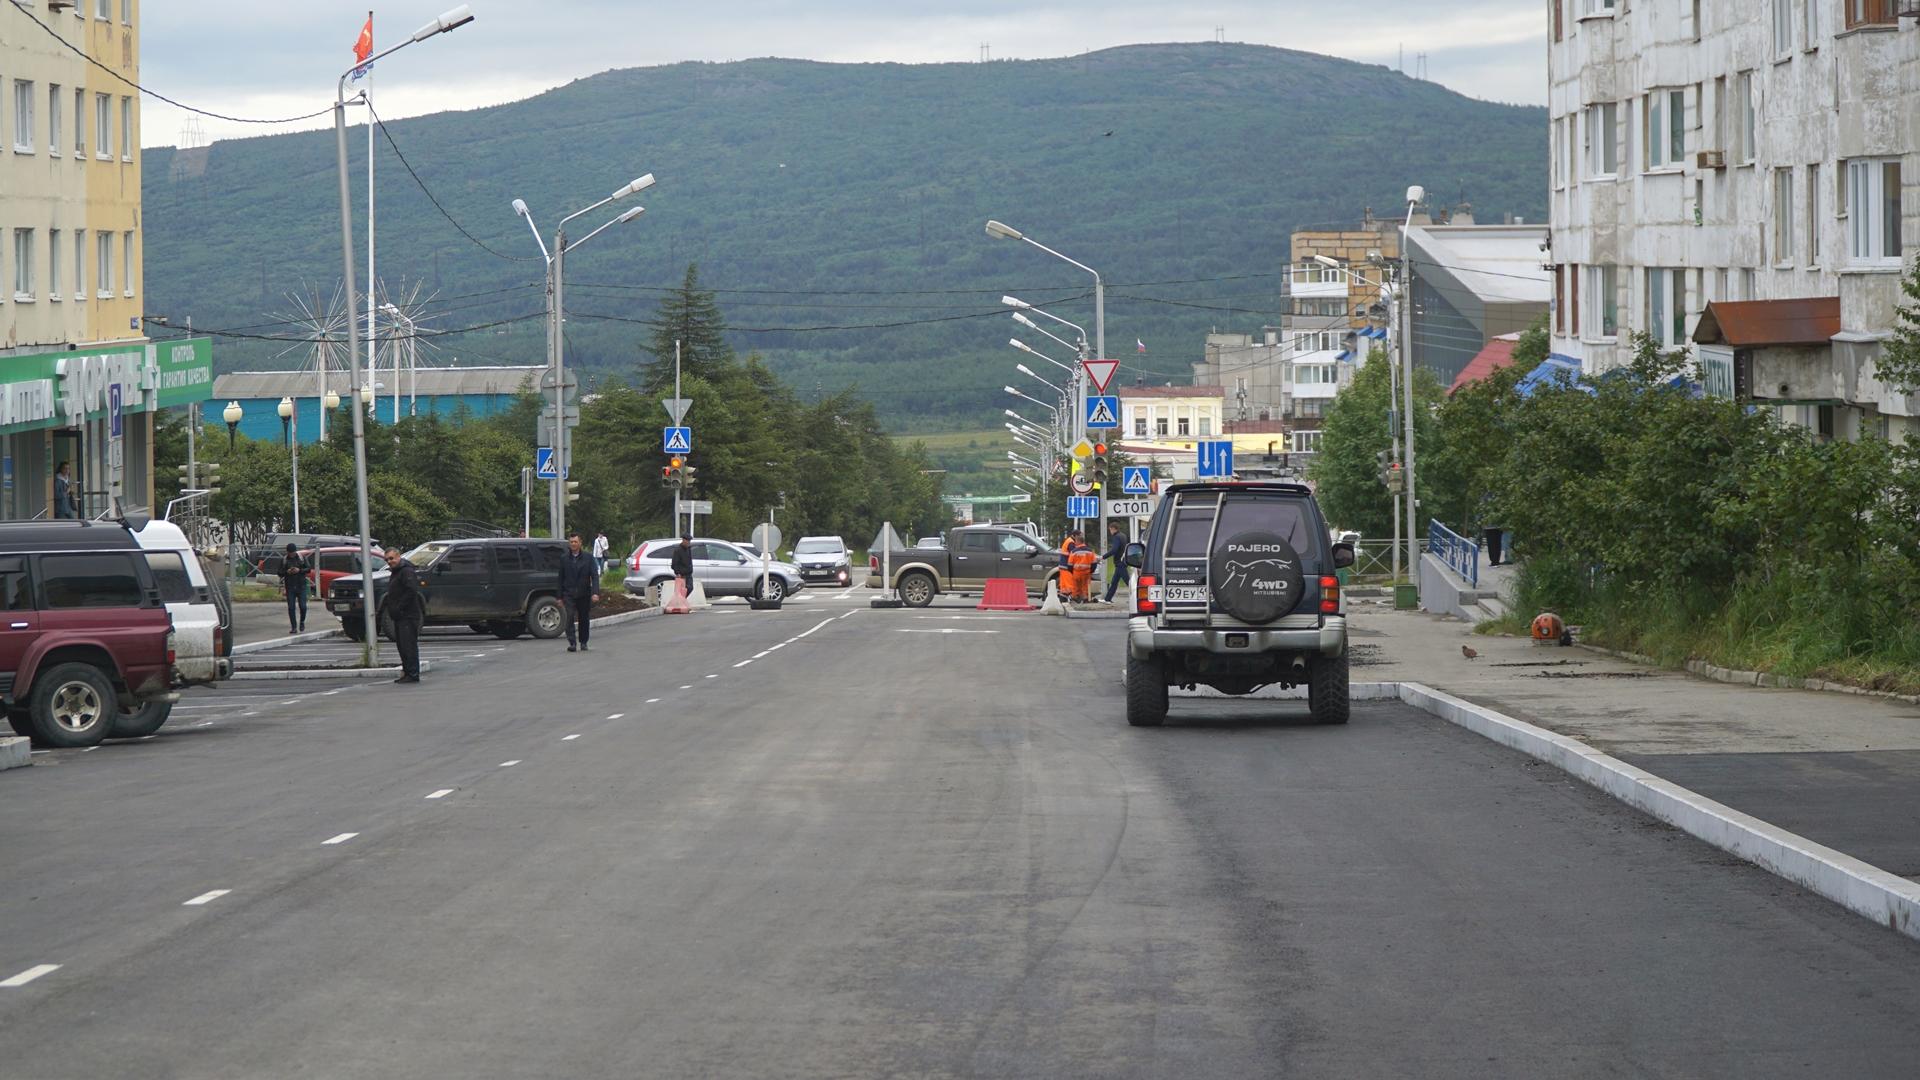 Первые объекты национального проекта «Безопасные и качественные автомобильные дороги» готовы к приемке в Магадане